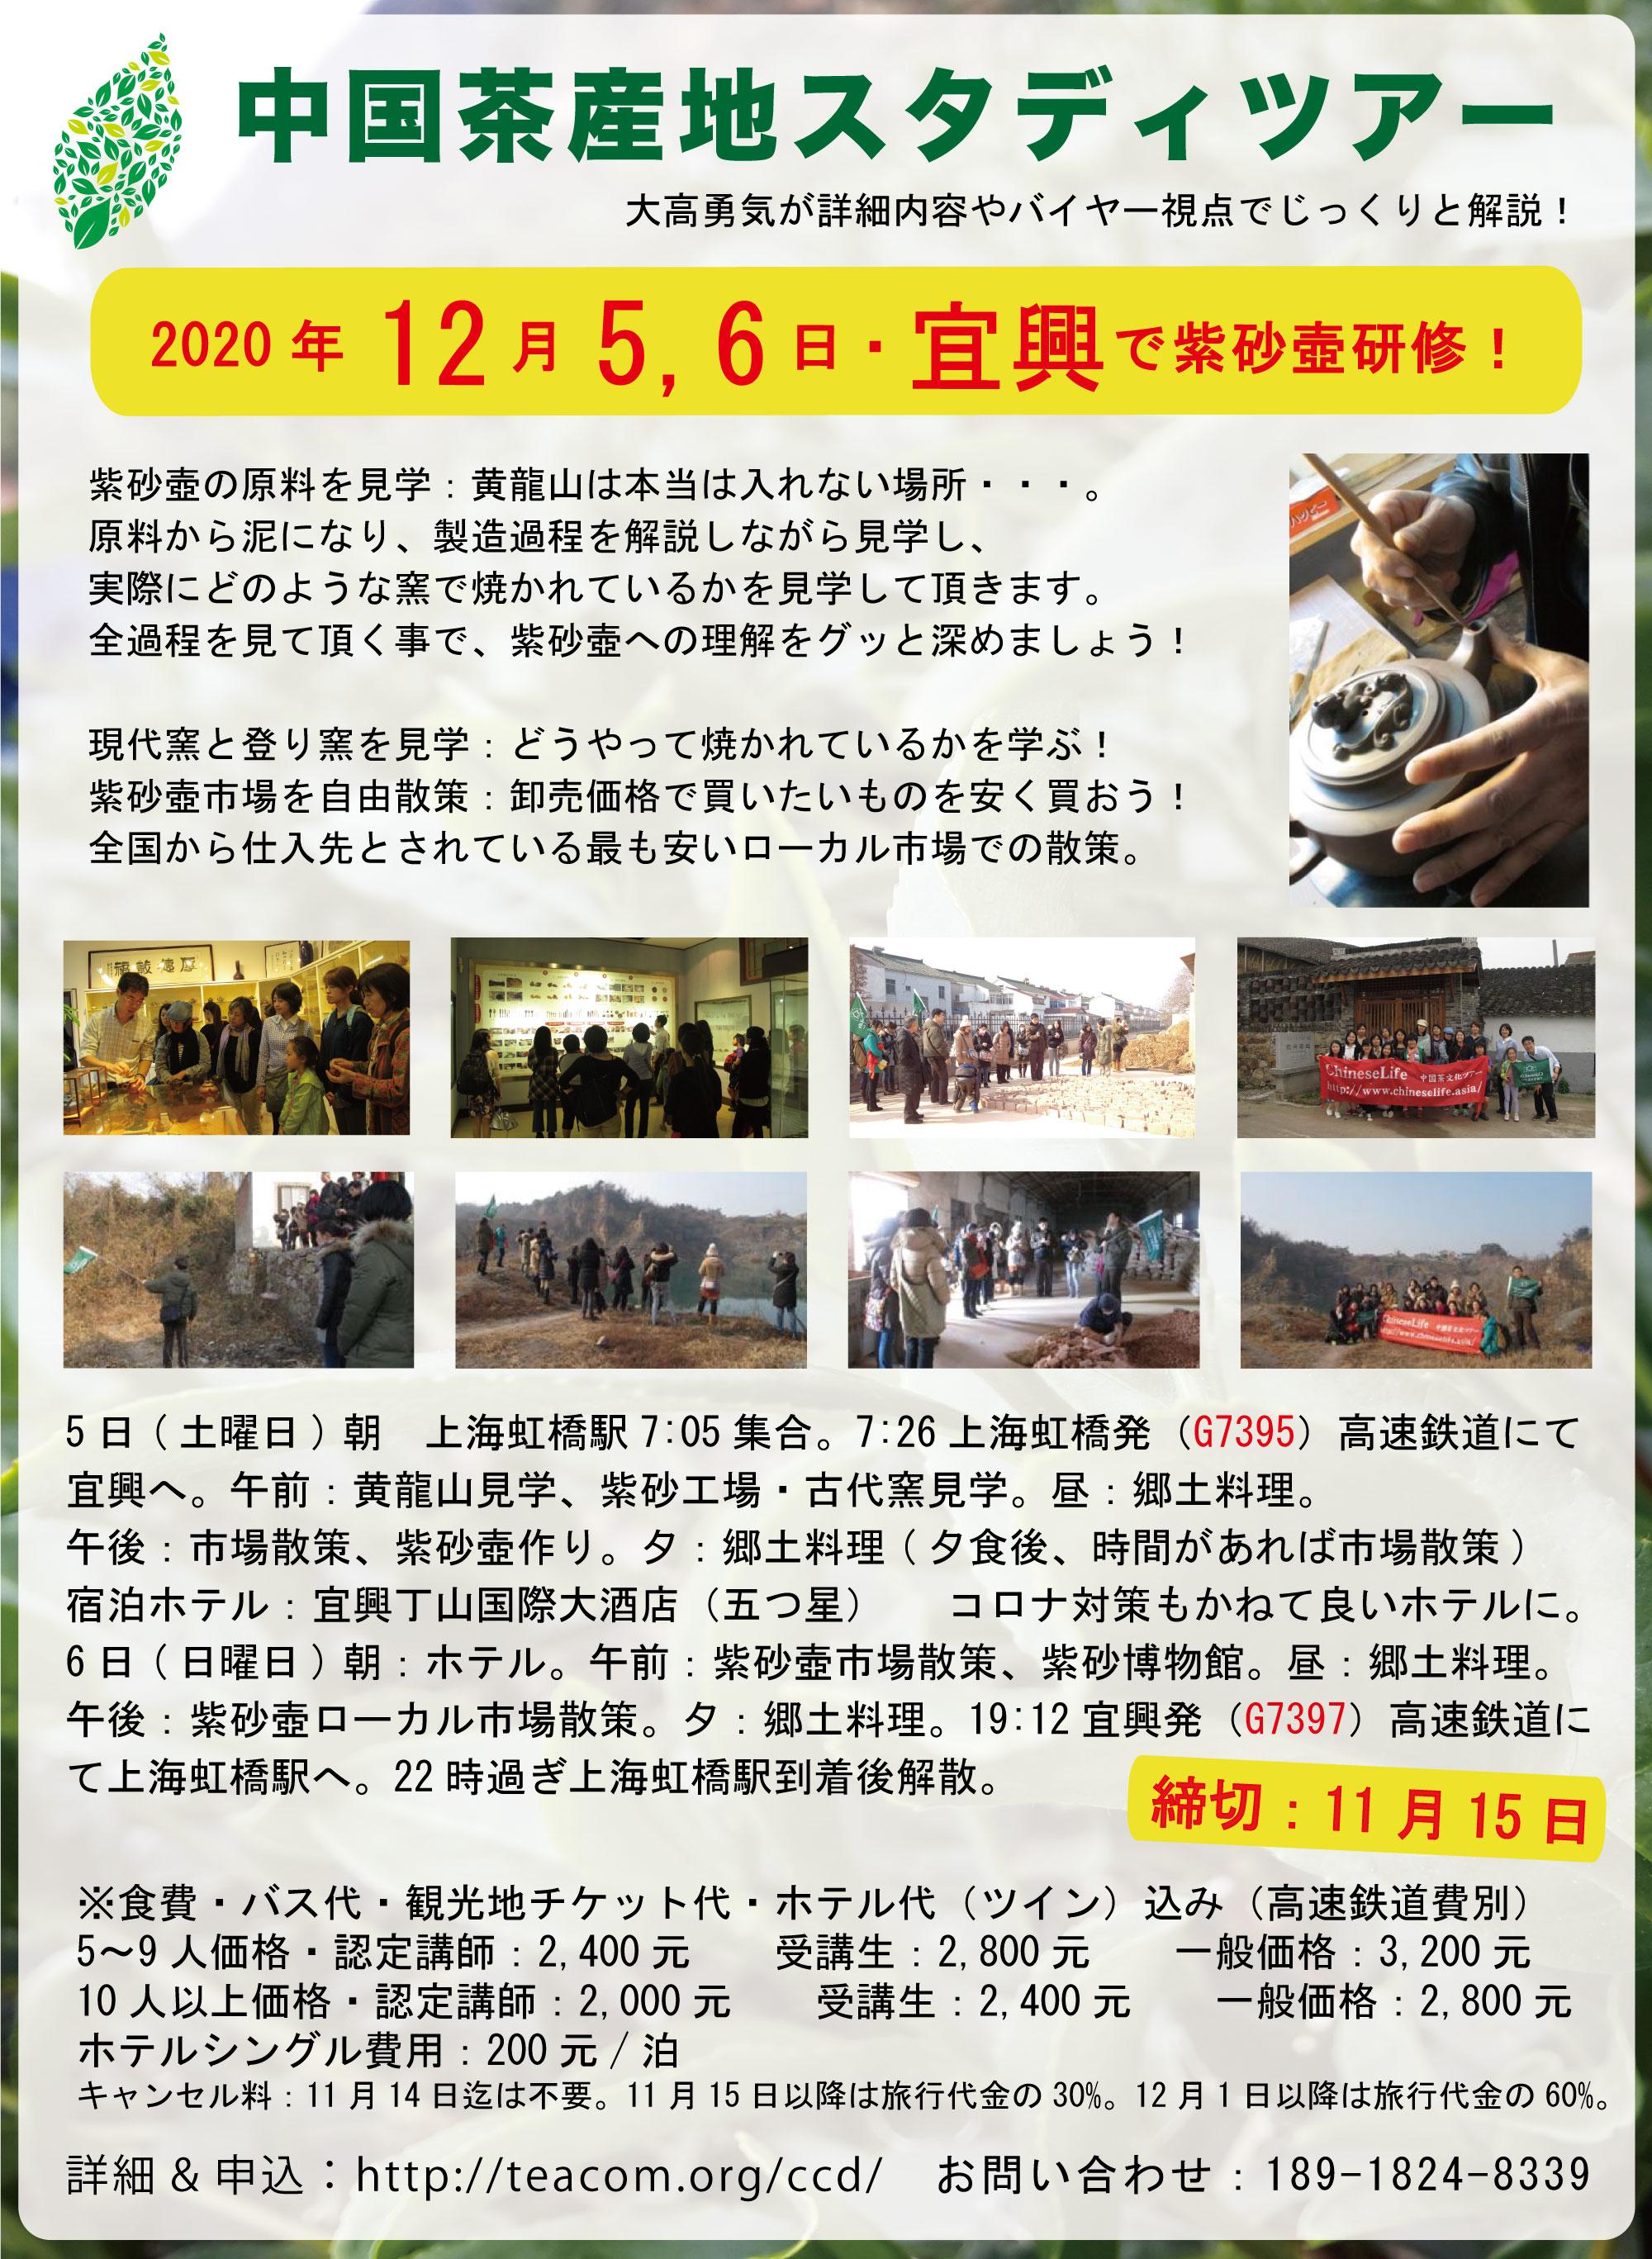 中国茶産地スタディツアー